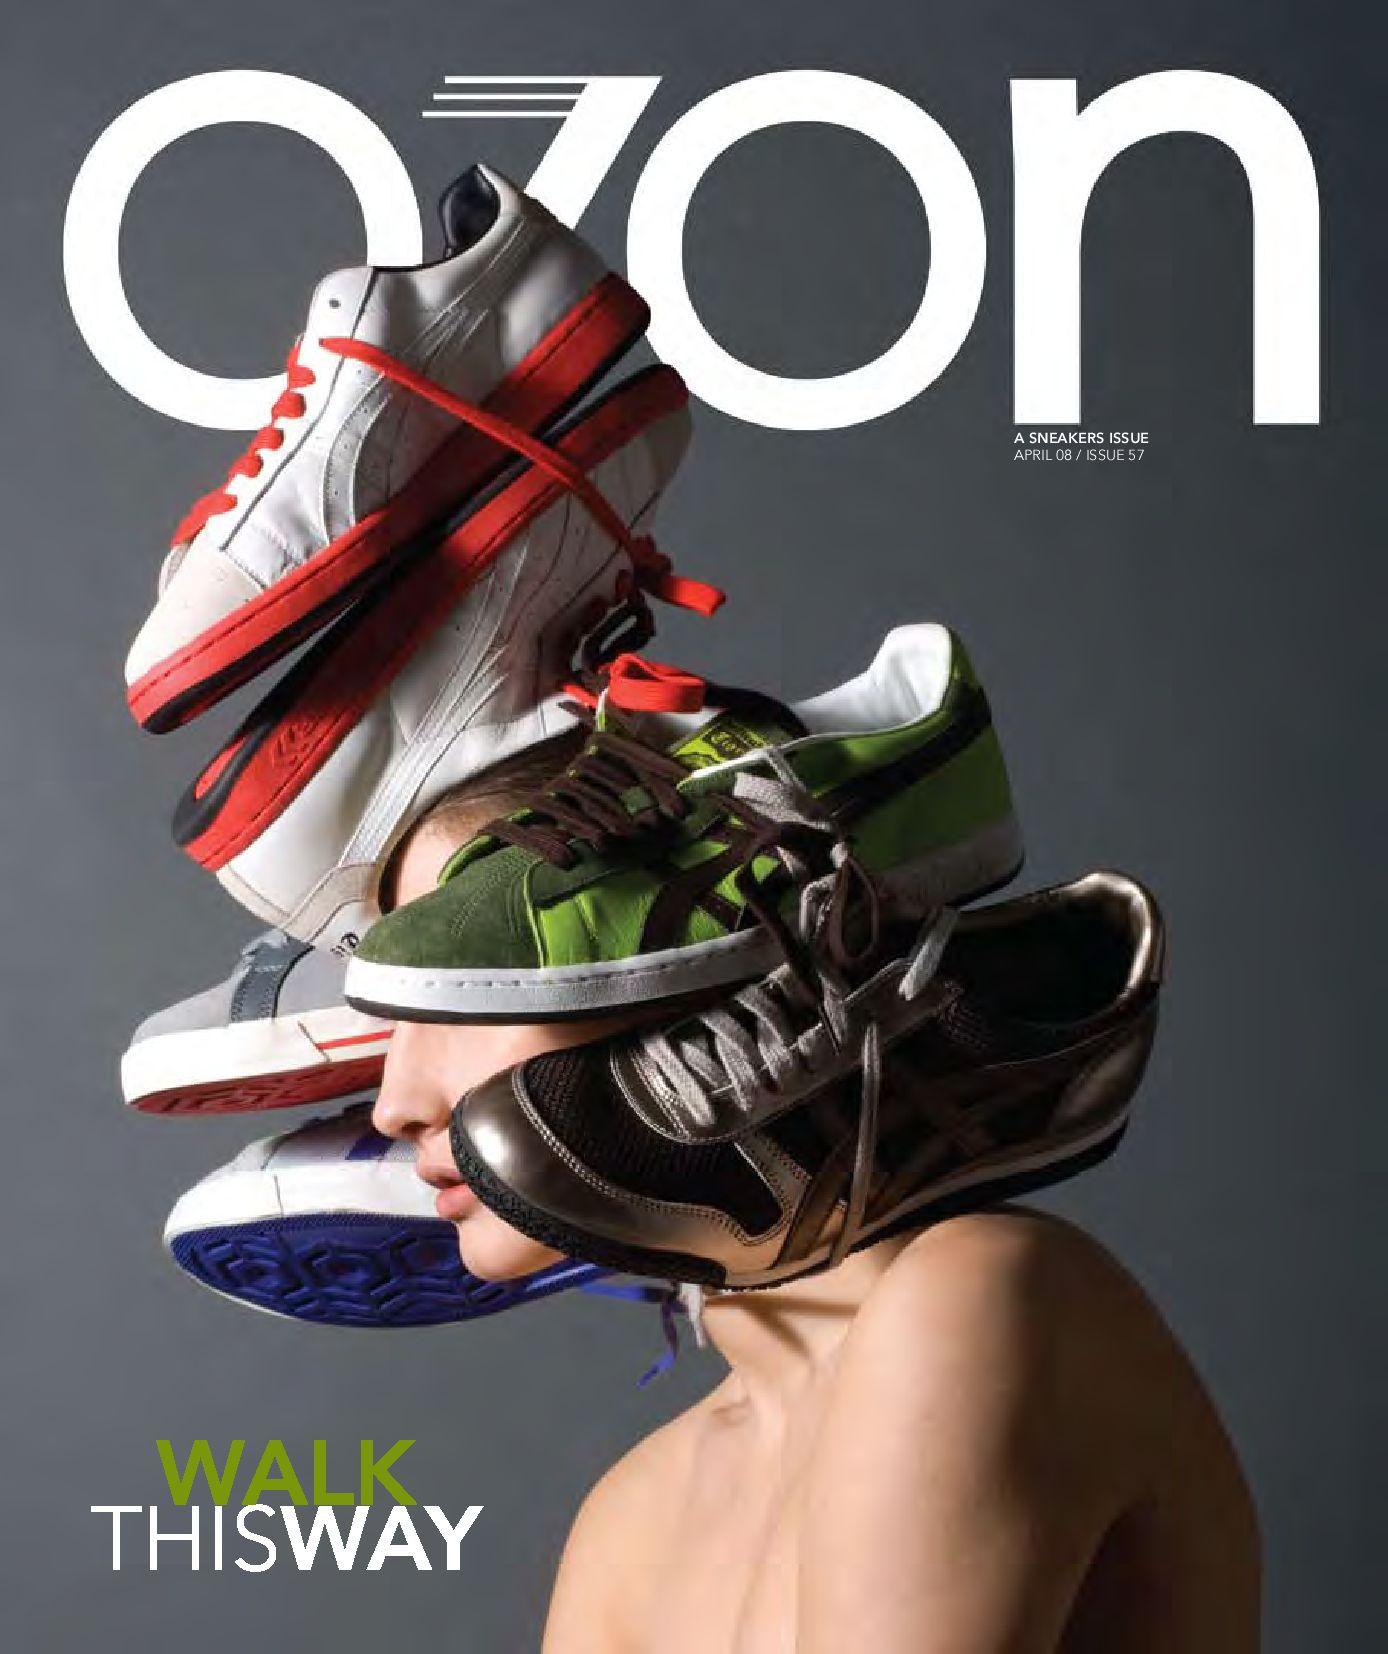 6cb45f2213b ozon april issue | walk this way by OZON Magazine - issuu